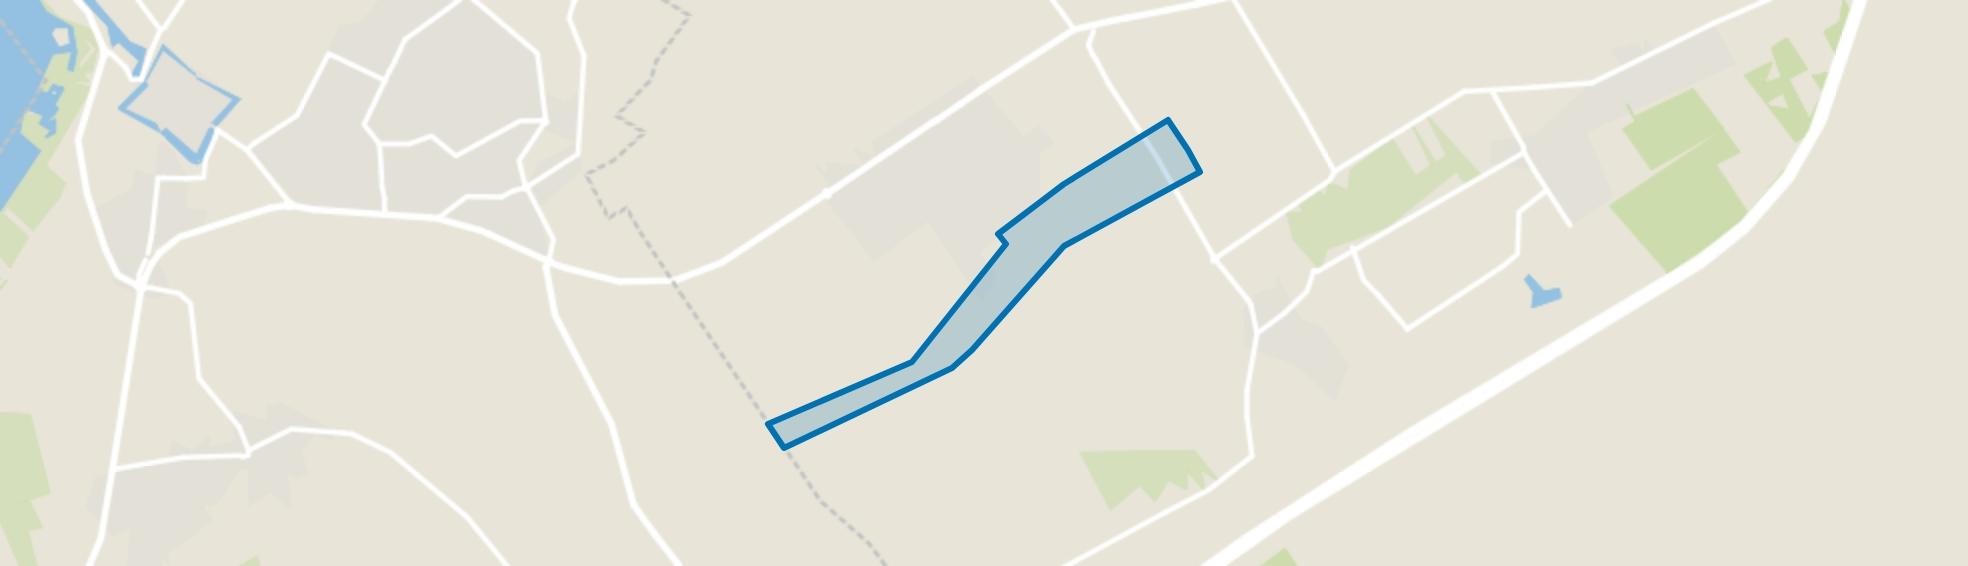 Bovenstreek, Oldebroek map